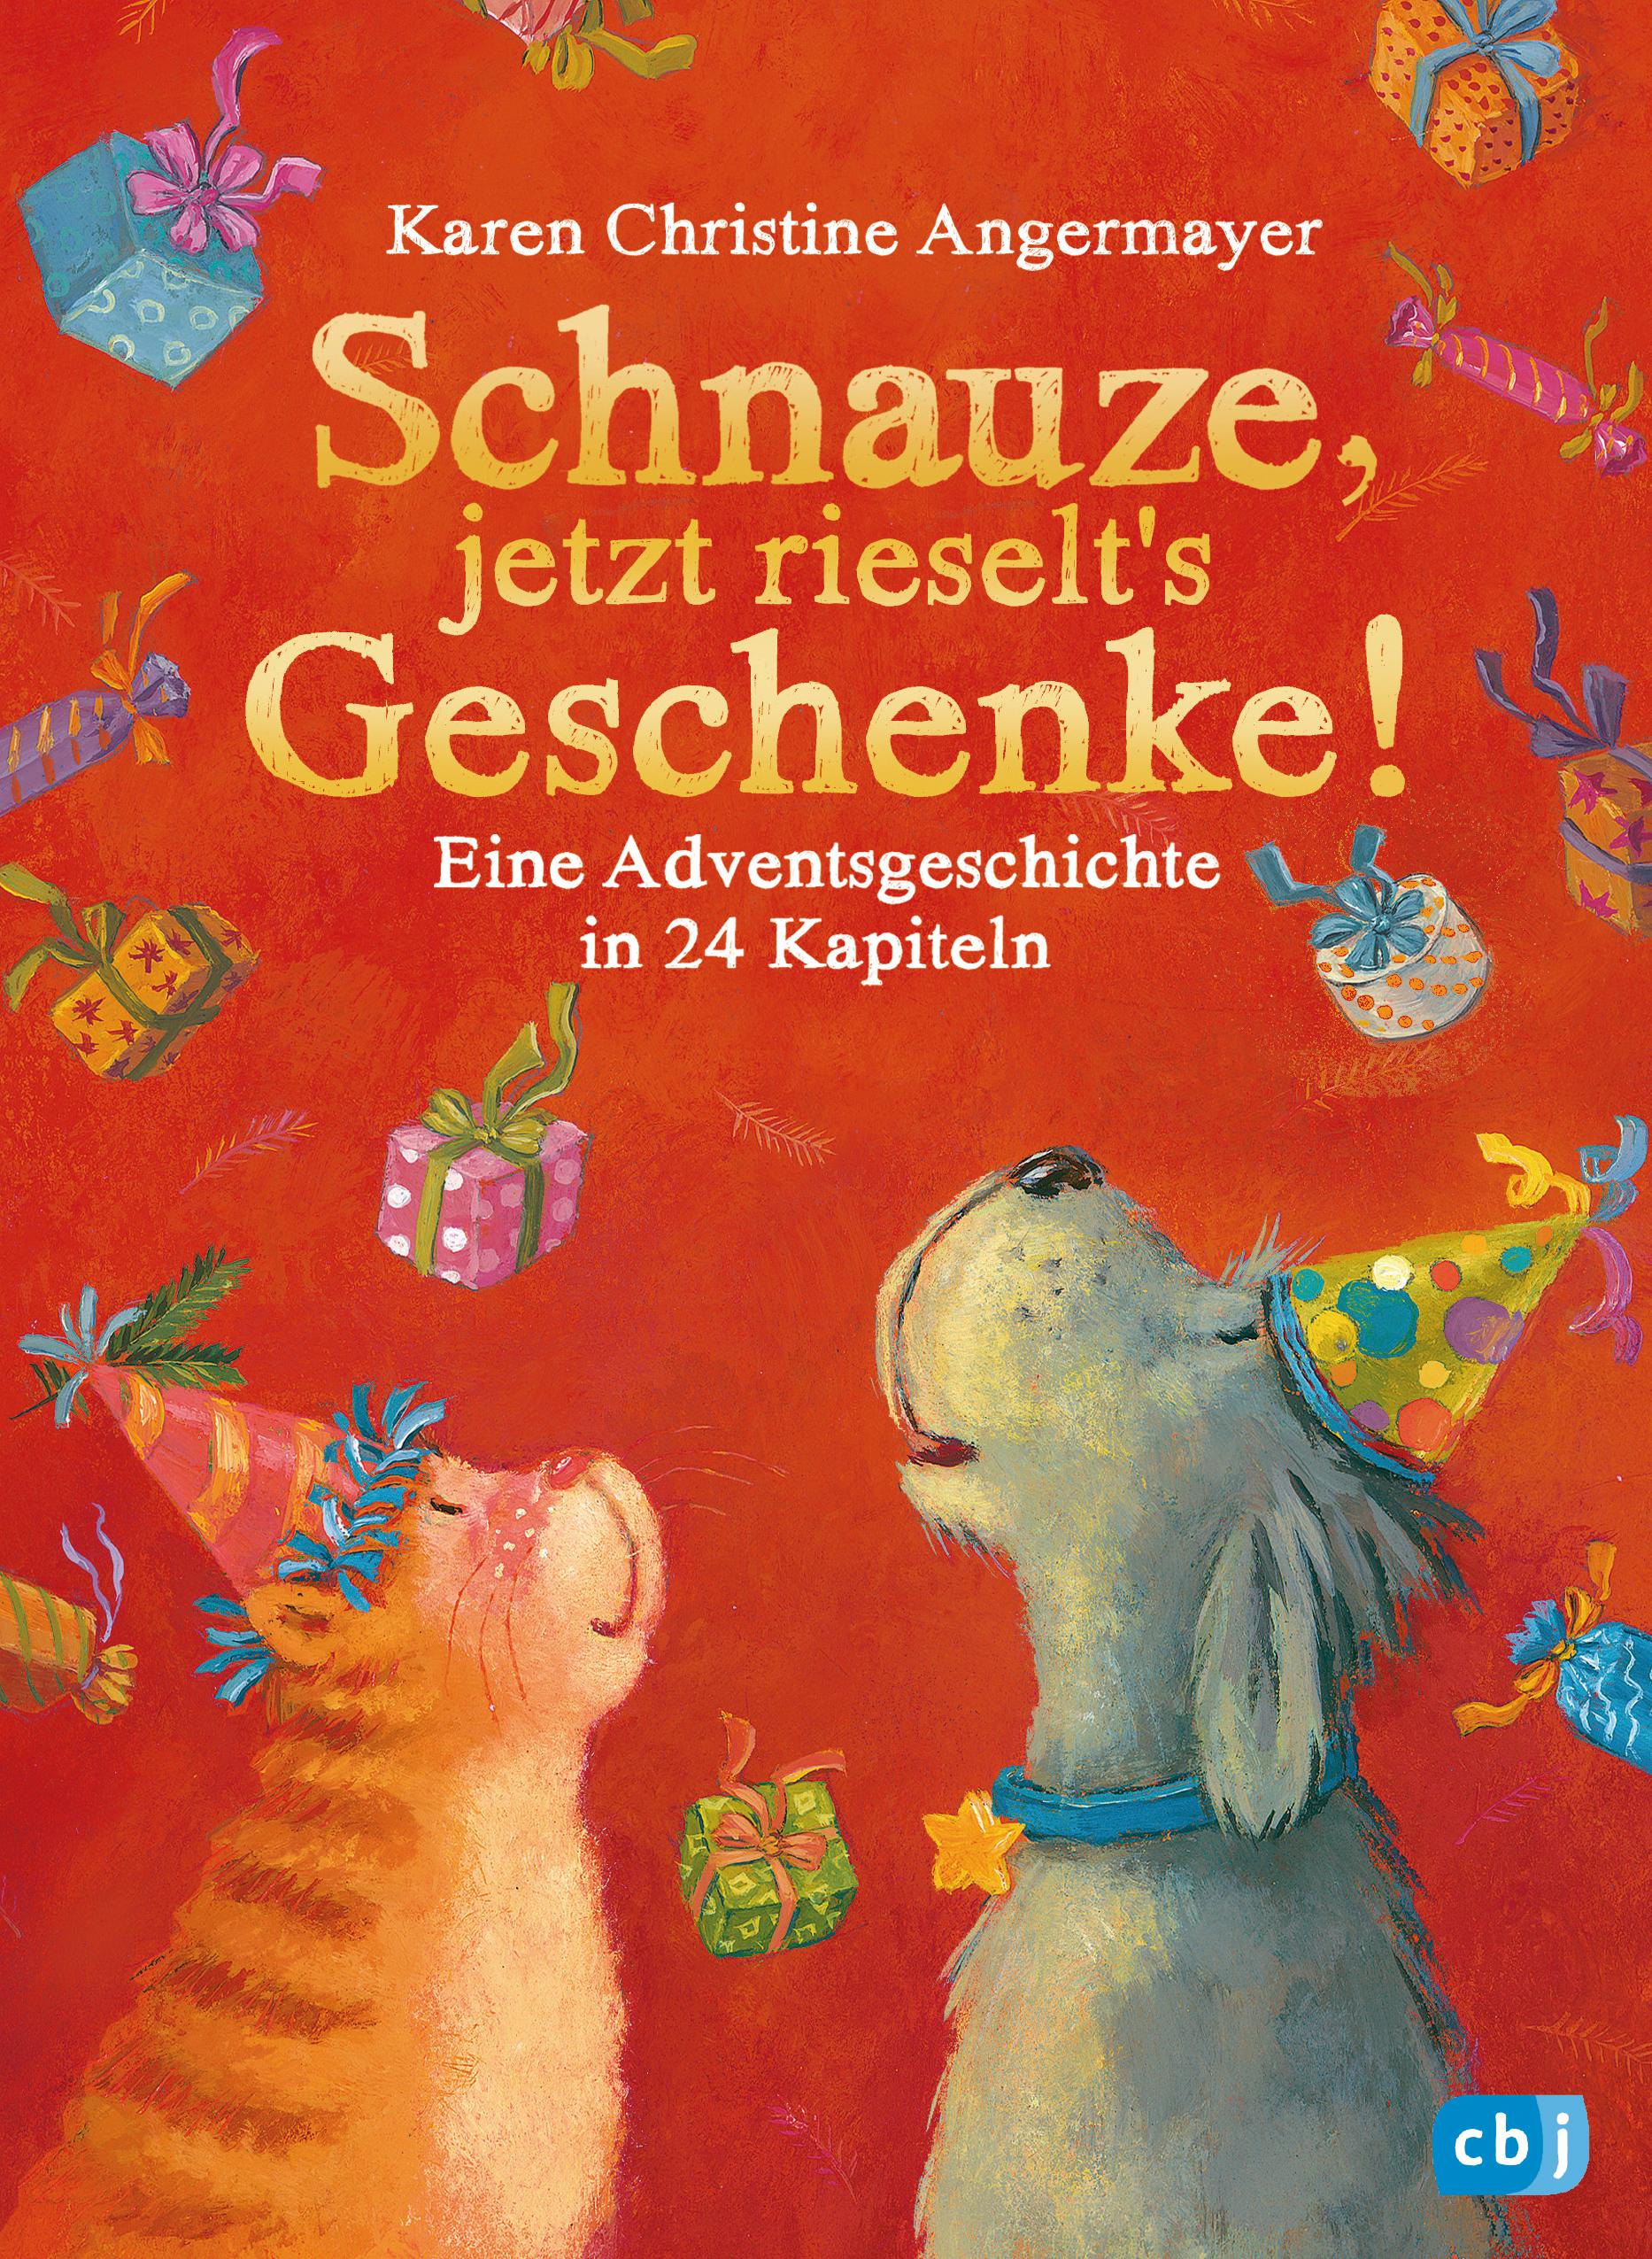 Schnauze, jetzt rieselt's Geschenke! (Cover)